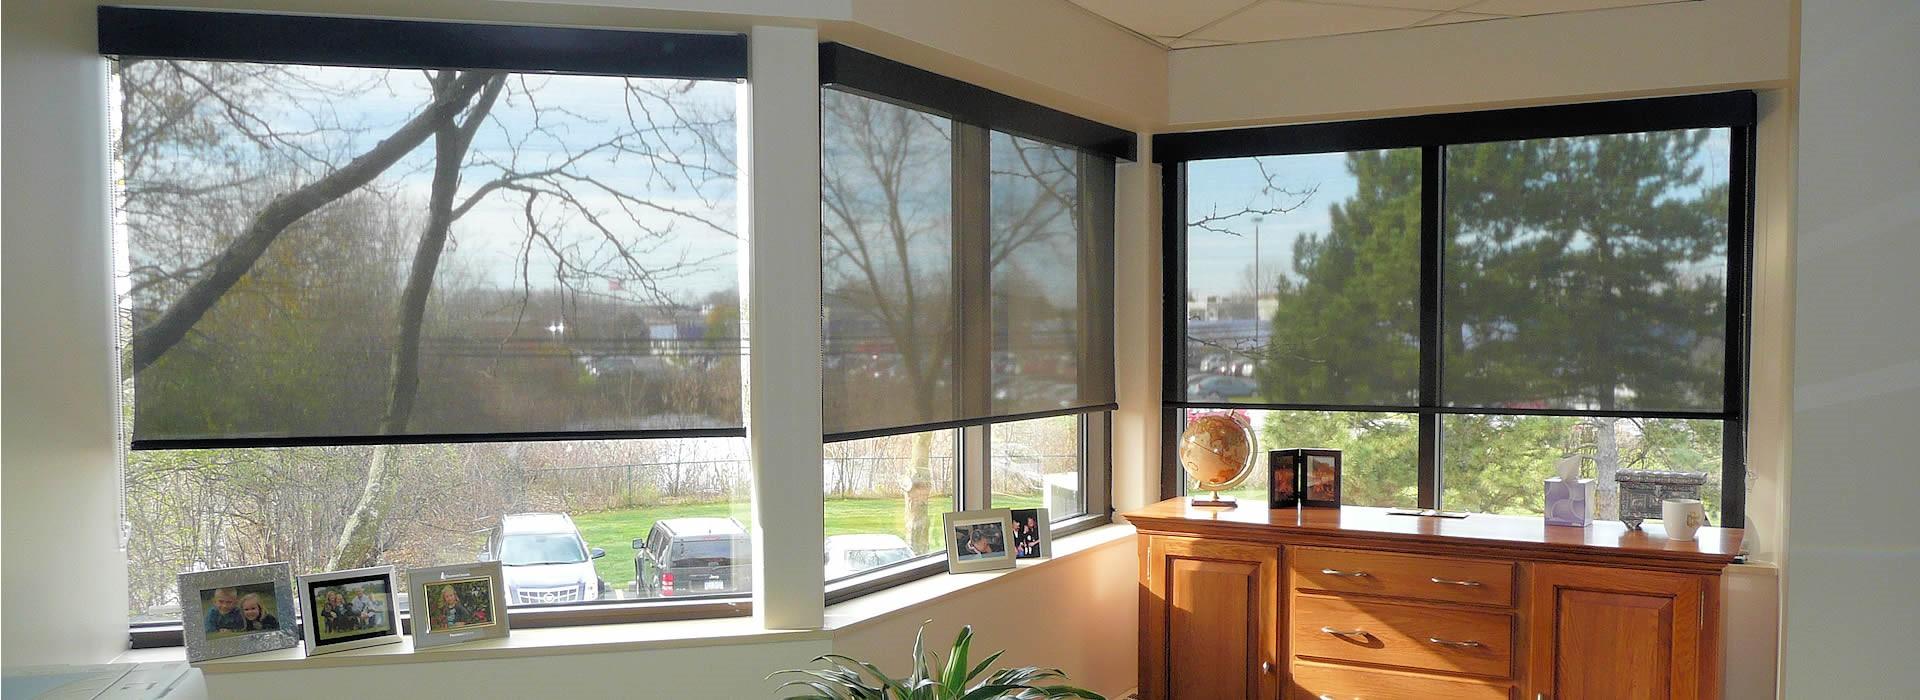 Retractable Awnings Dallas Retractable Solar Screens